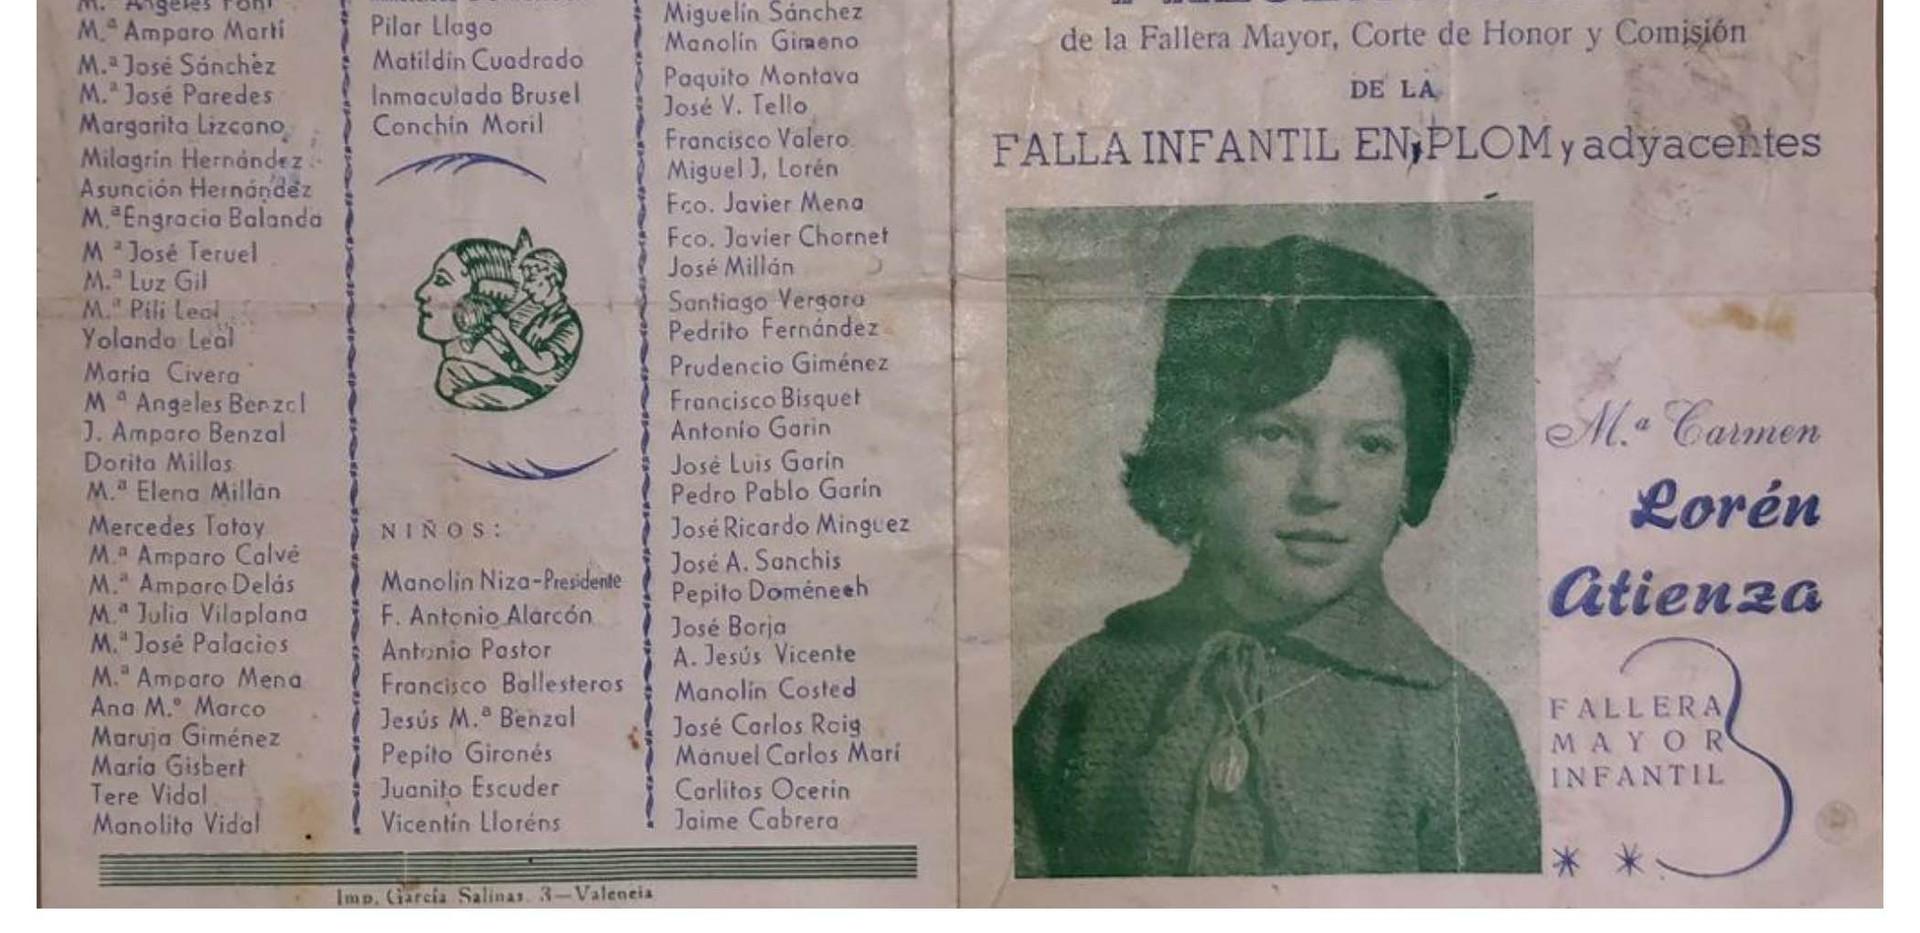 Cartel presentación infantil 1964